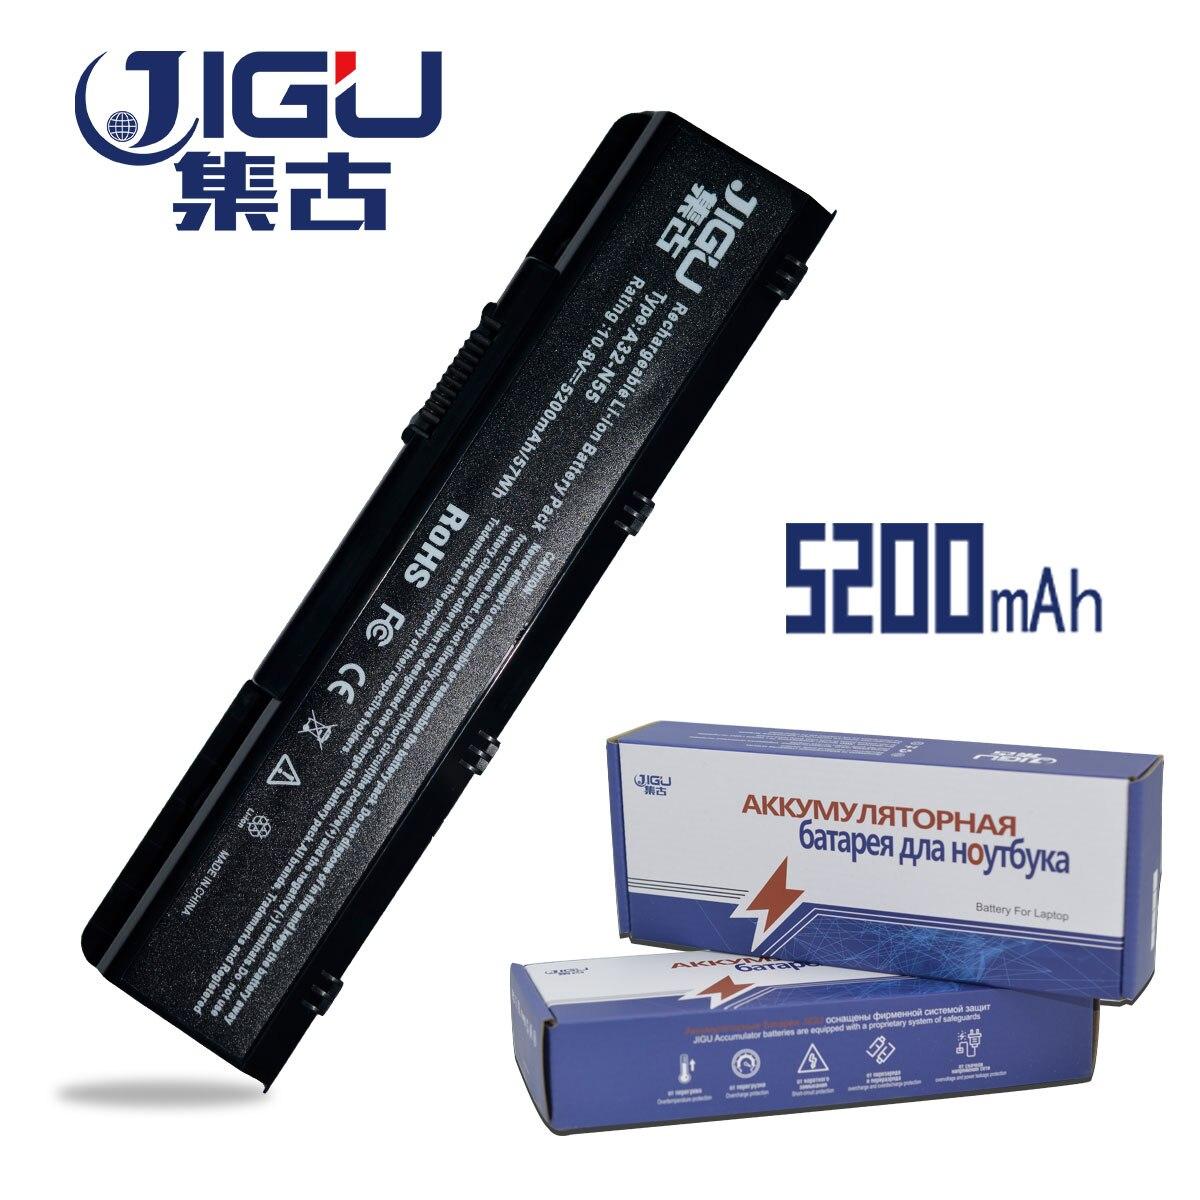 JIGU 6 Cells Laptop Battery For Asus N55SF Series N55SL N75 N75E N75S N75SF N75SJ N75SL N75SN N75SV A32-N45 A32-N55 07G016HY1875